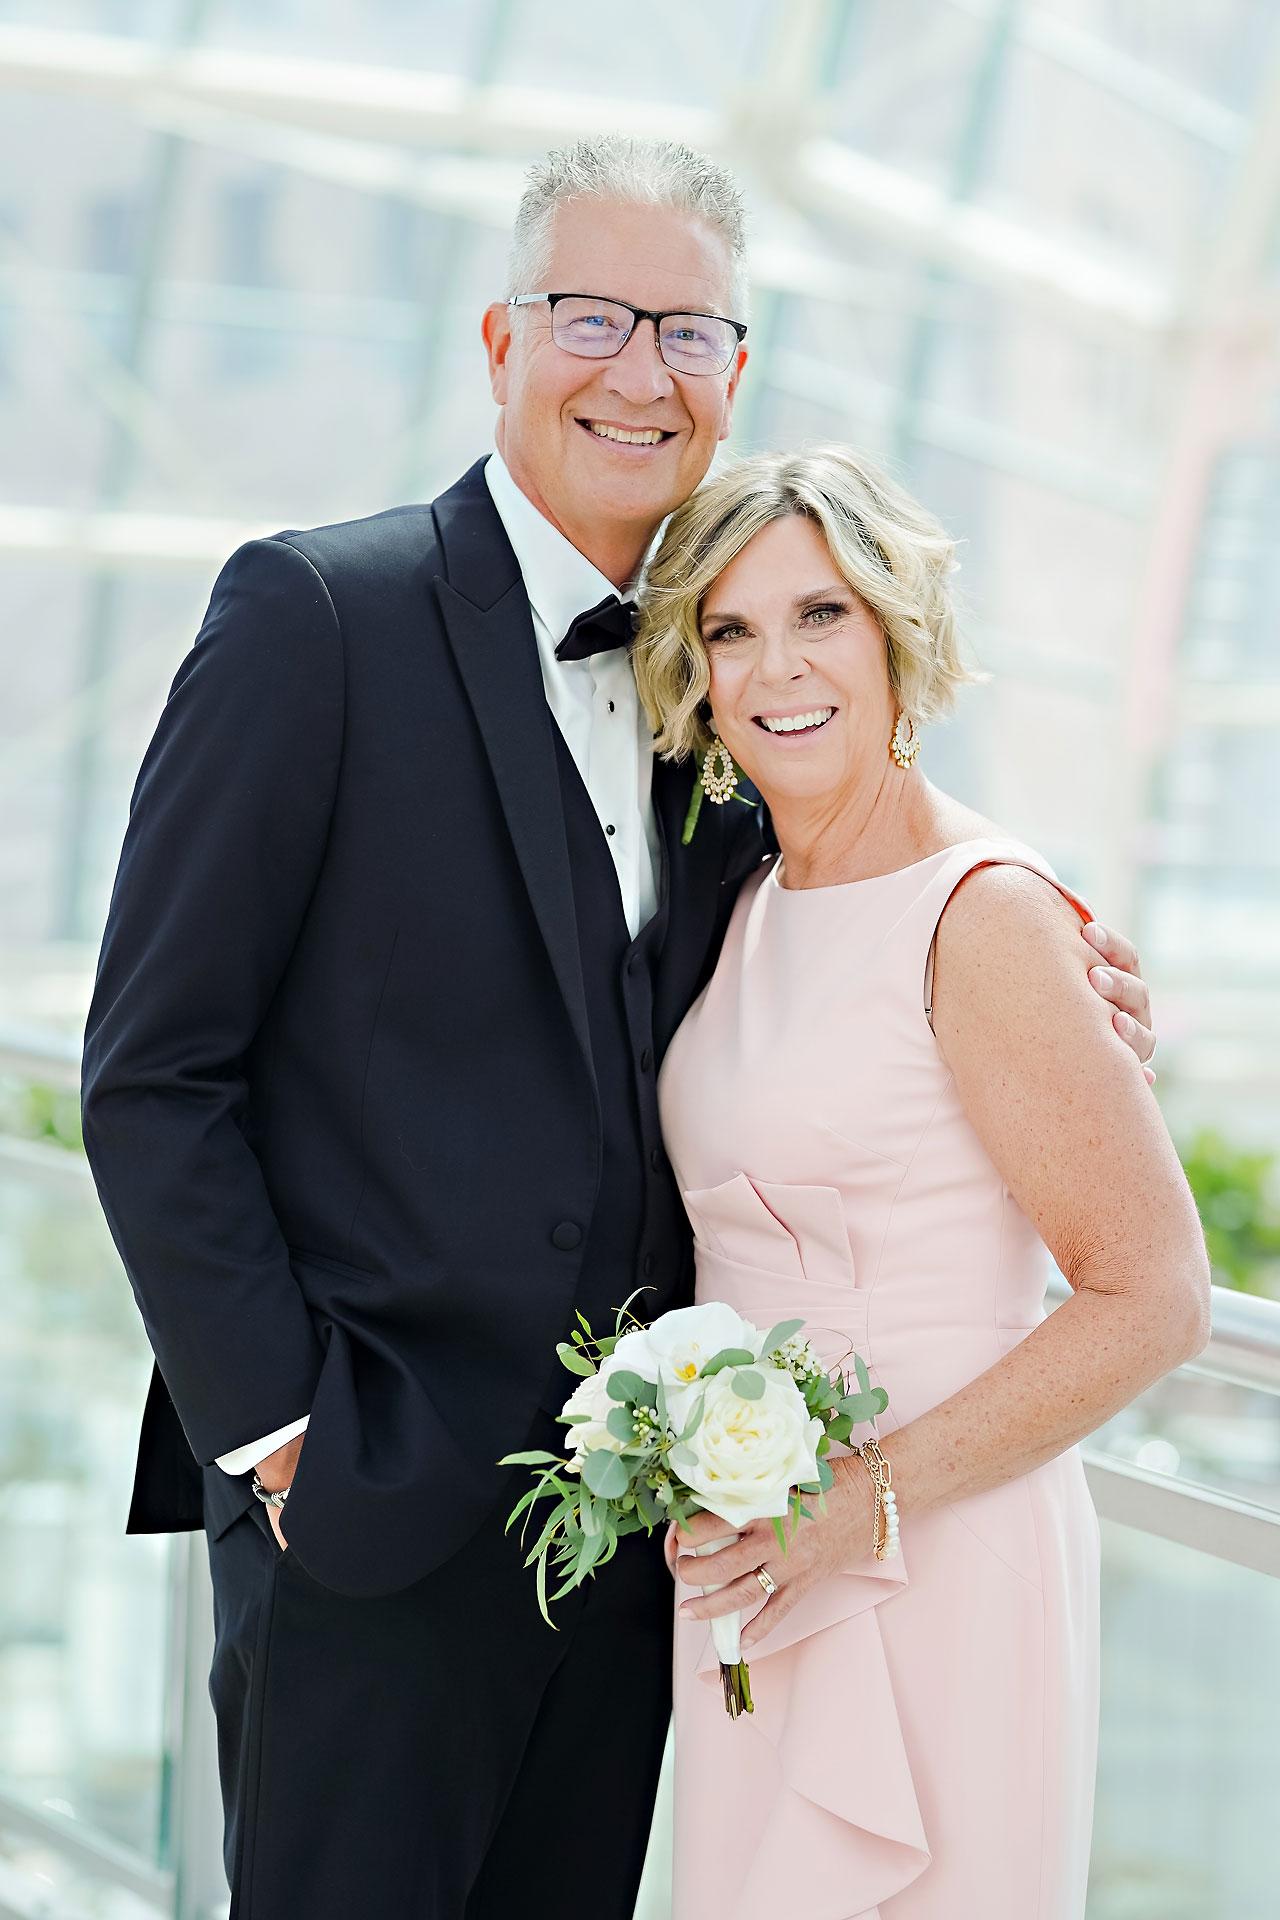 Liz Zach Conrad Artsgarden Indianapolis Wedding 173